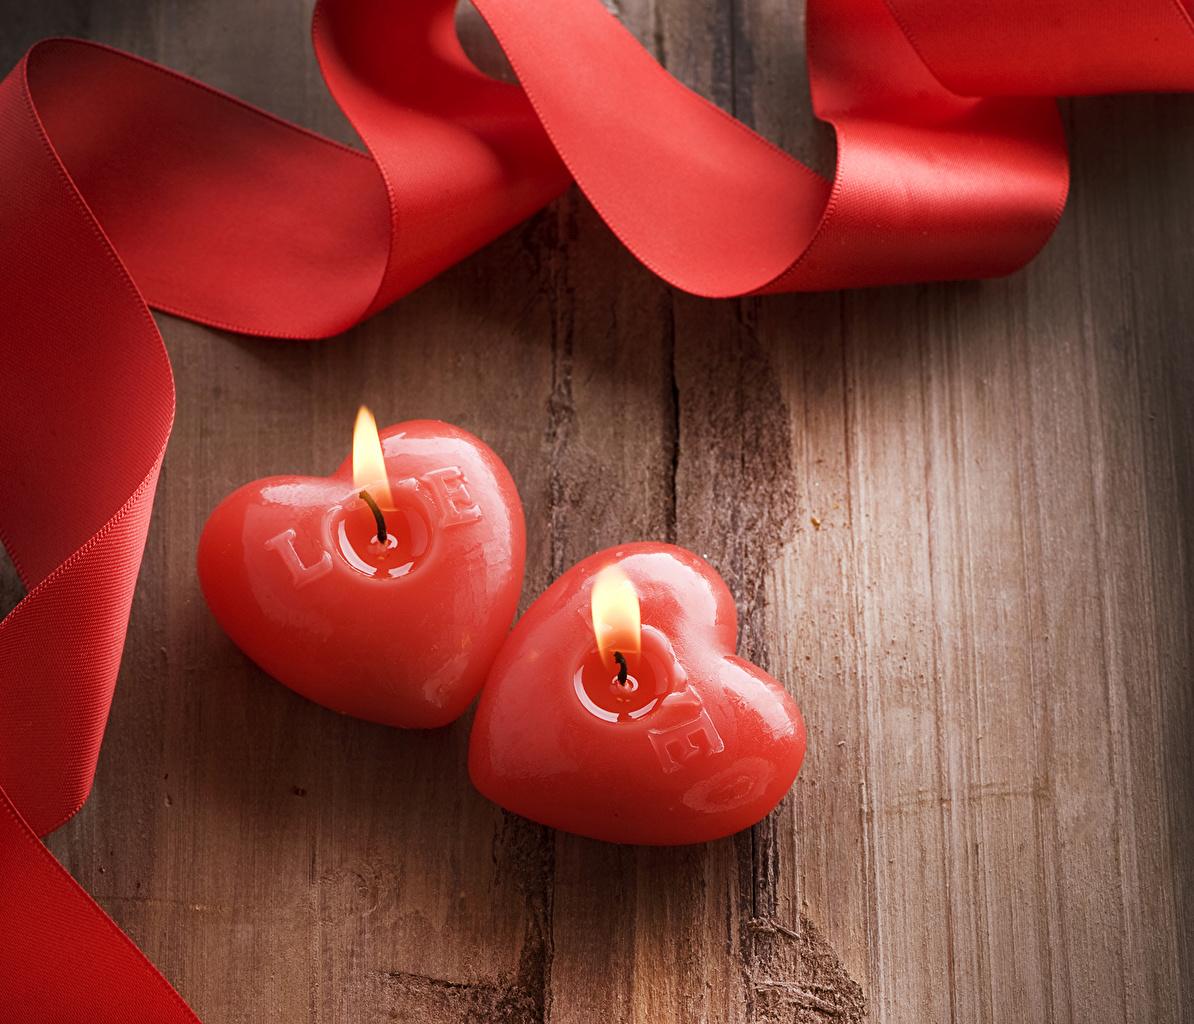 когда будет день святого валентина картинки привести здоровое состояние